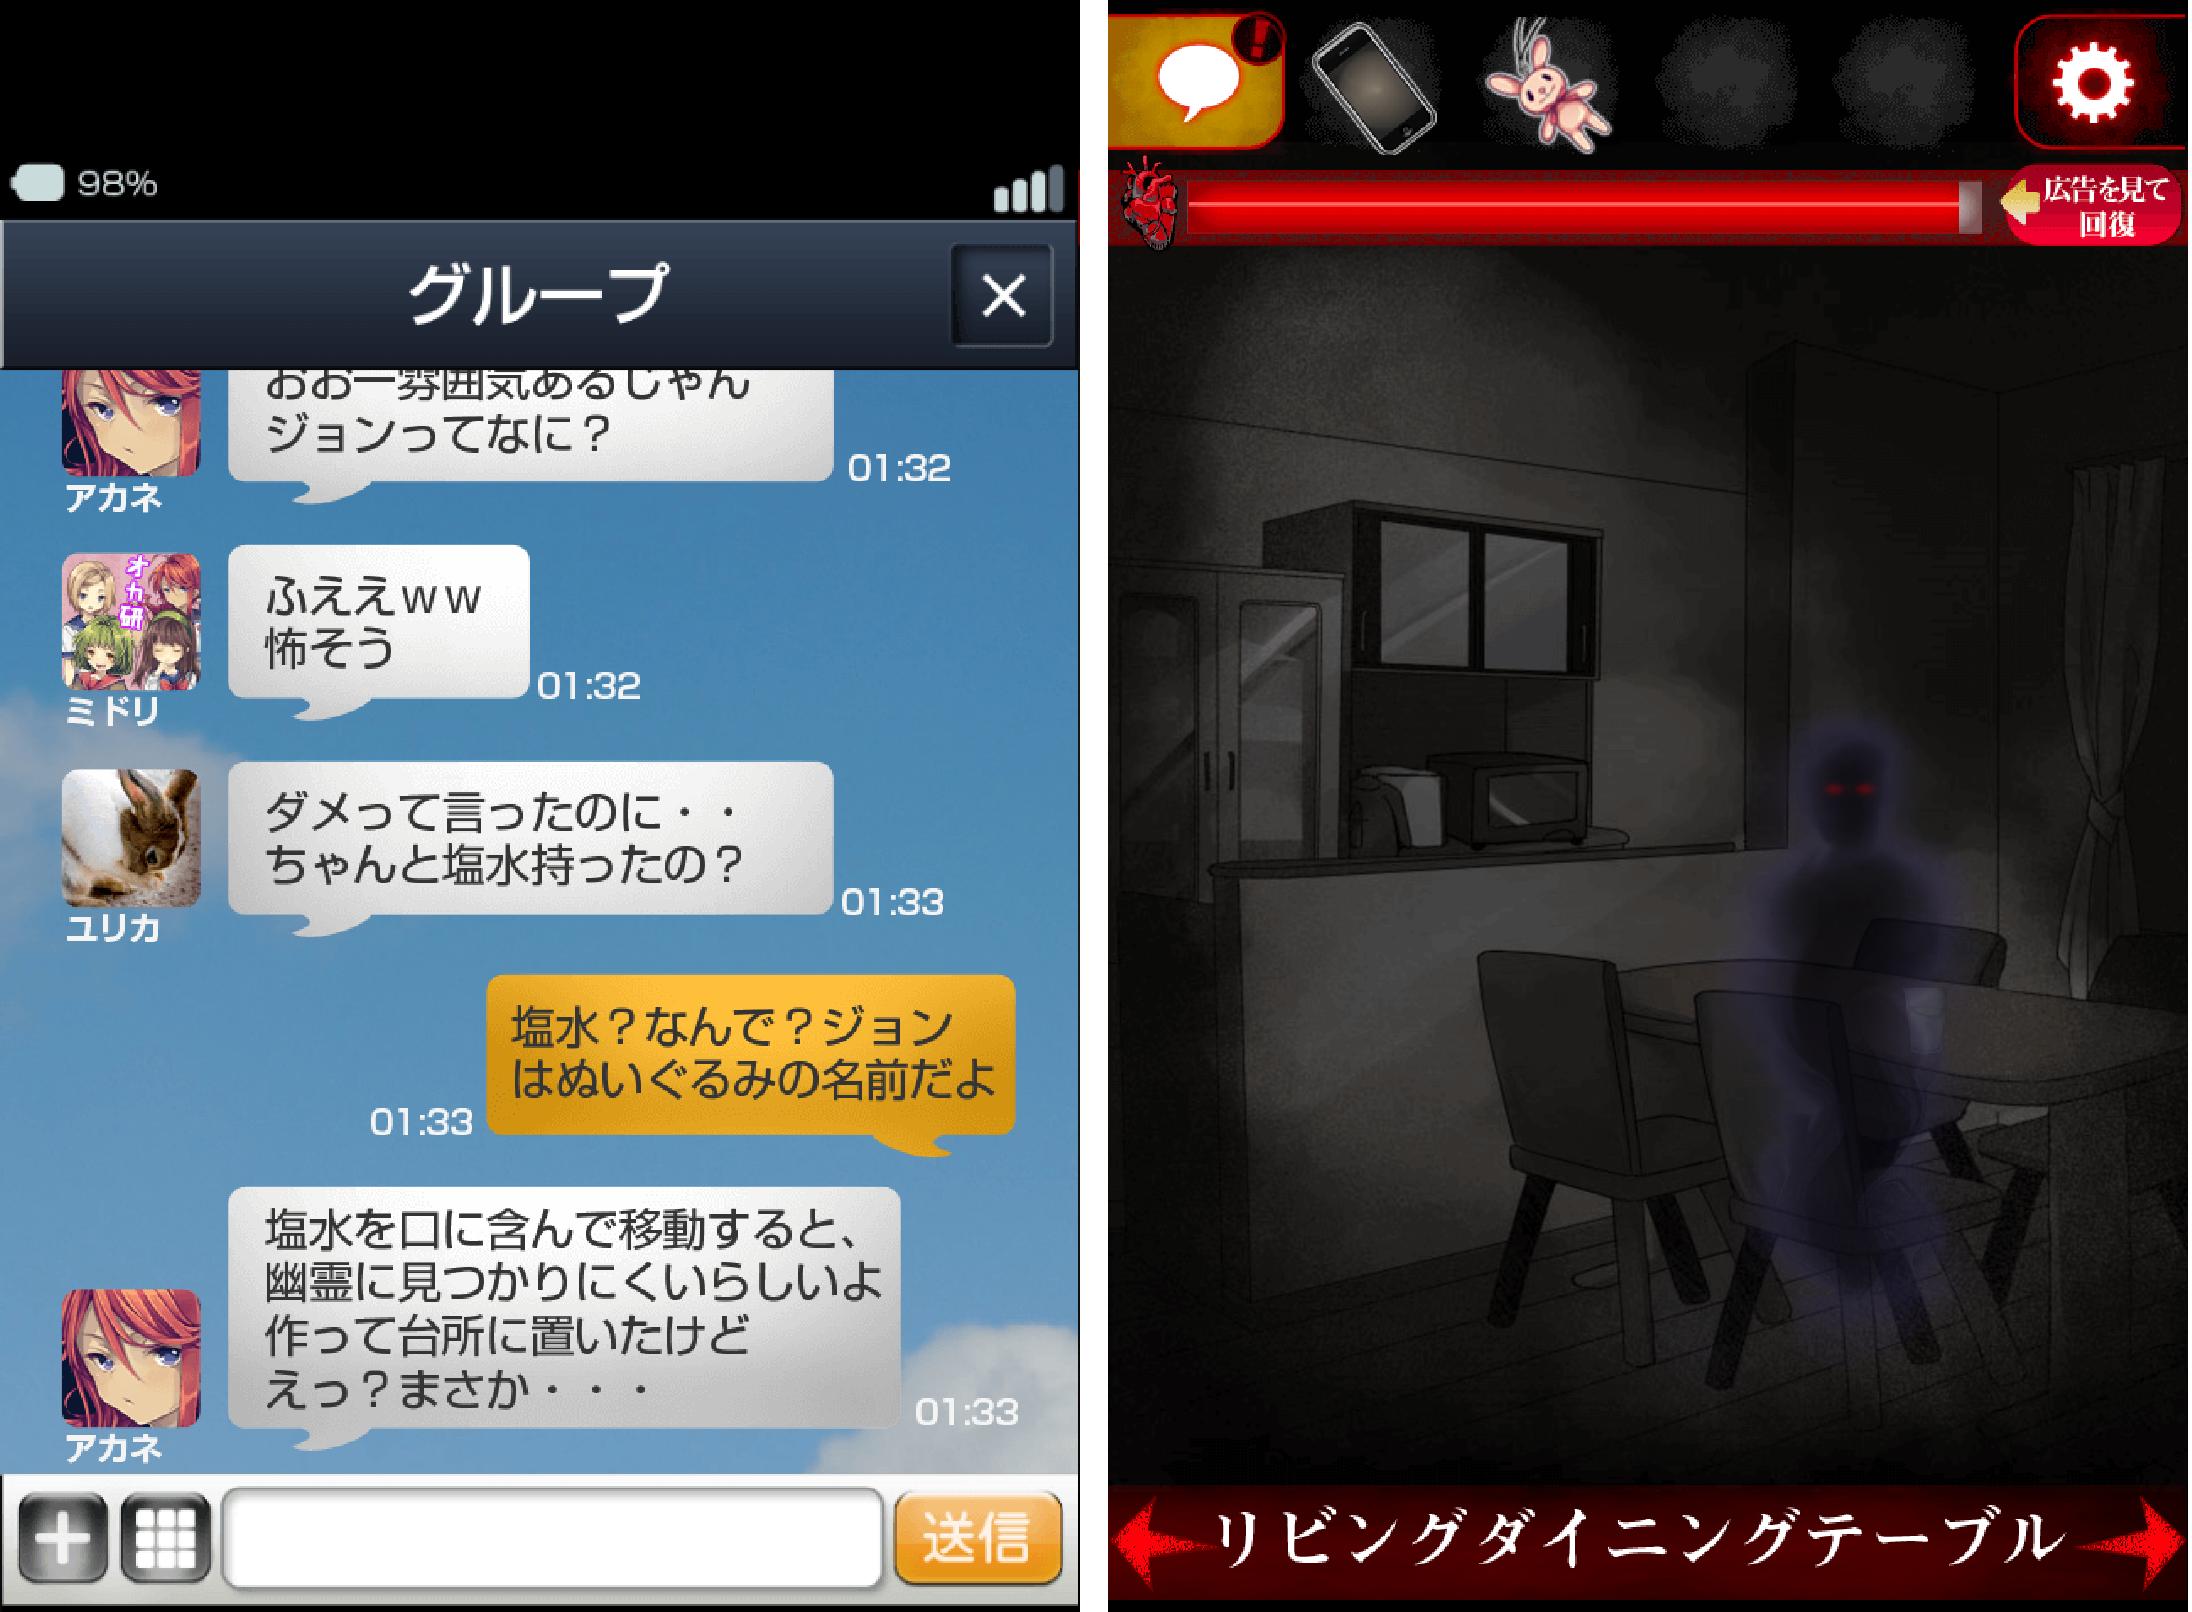 ひとりかくれんぼ-暗闇からの脱出- androidアプリスクリーンショット1